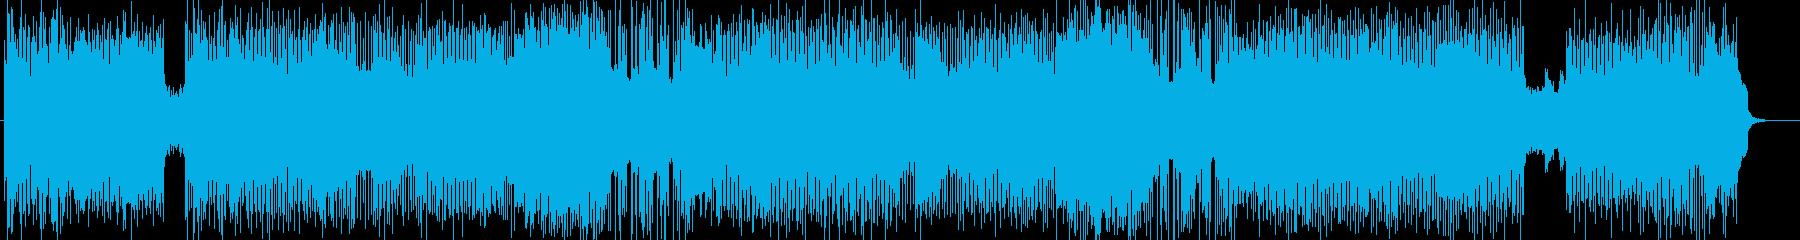 「HR/HM」「POWER」BGM300の再生済みの波形